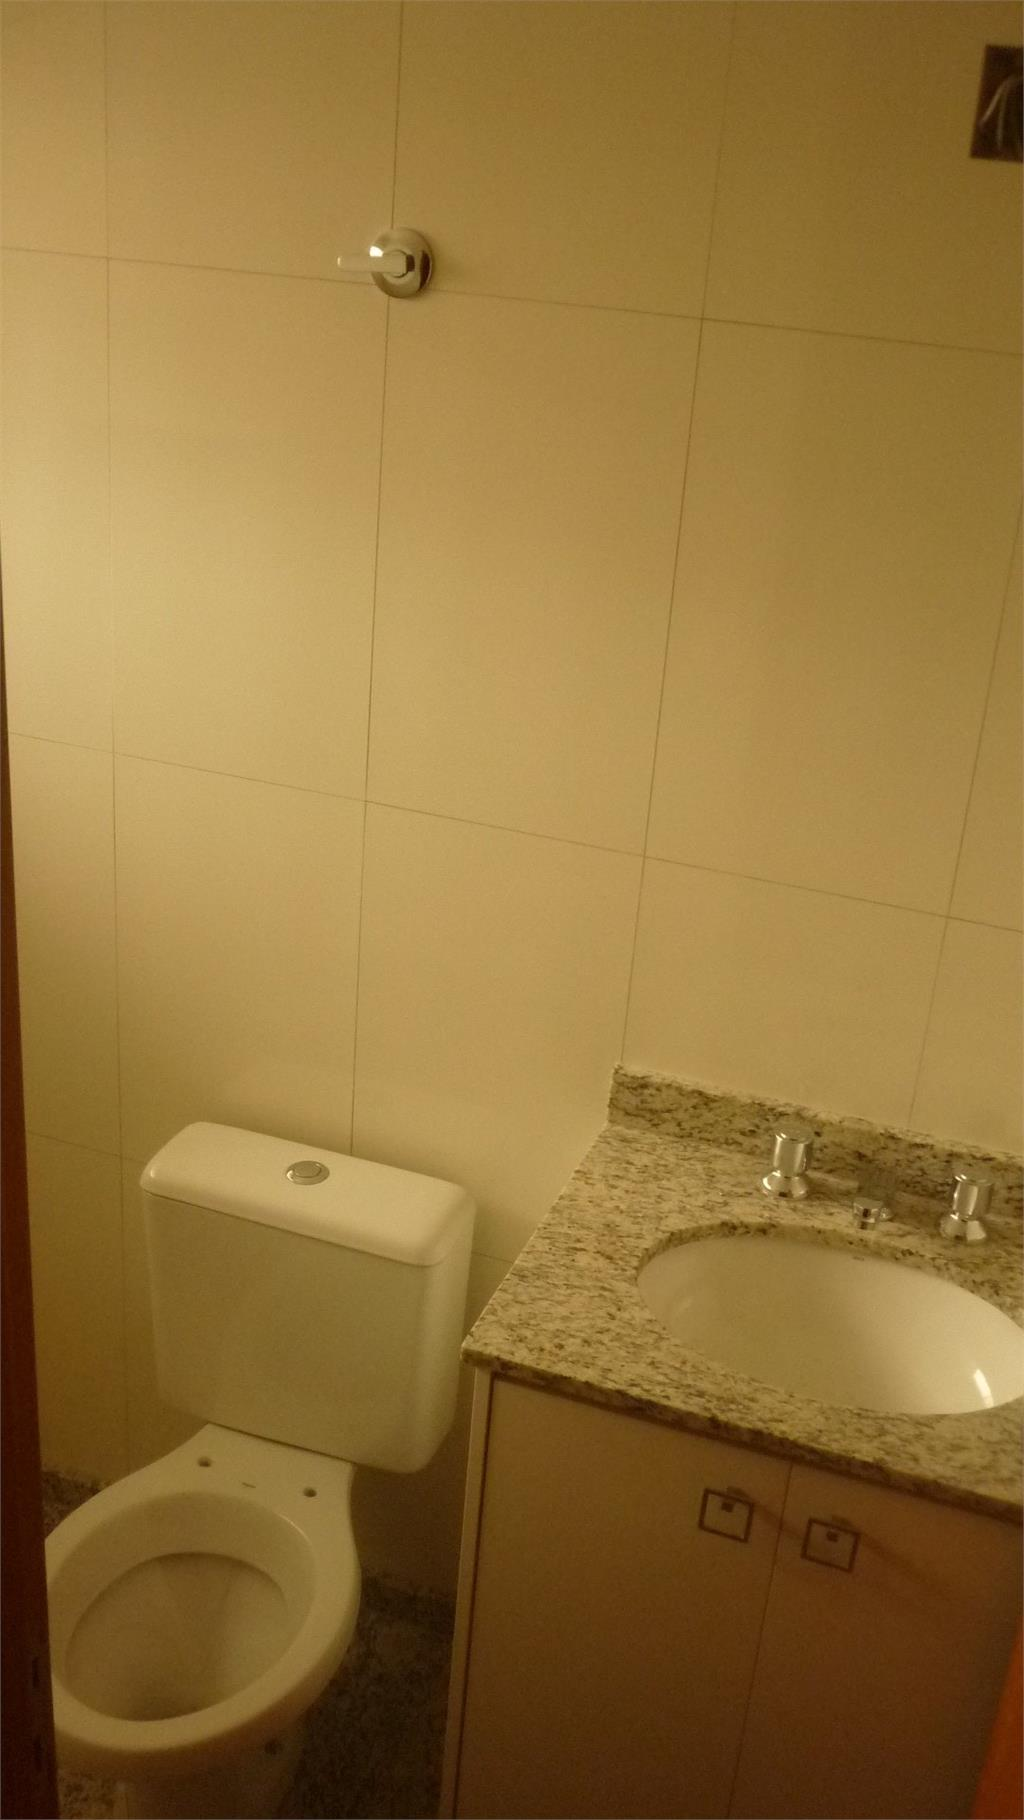 Sobrado de 2 dormitórios à venda em Água Rasa, São Paulo - SP